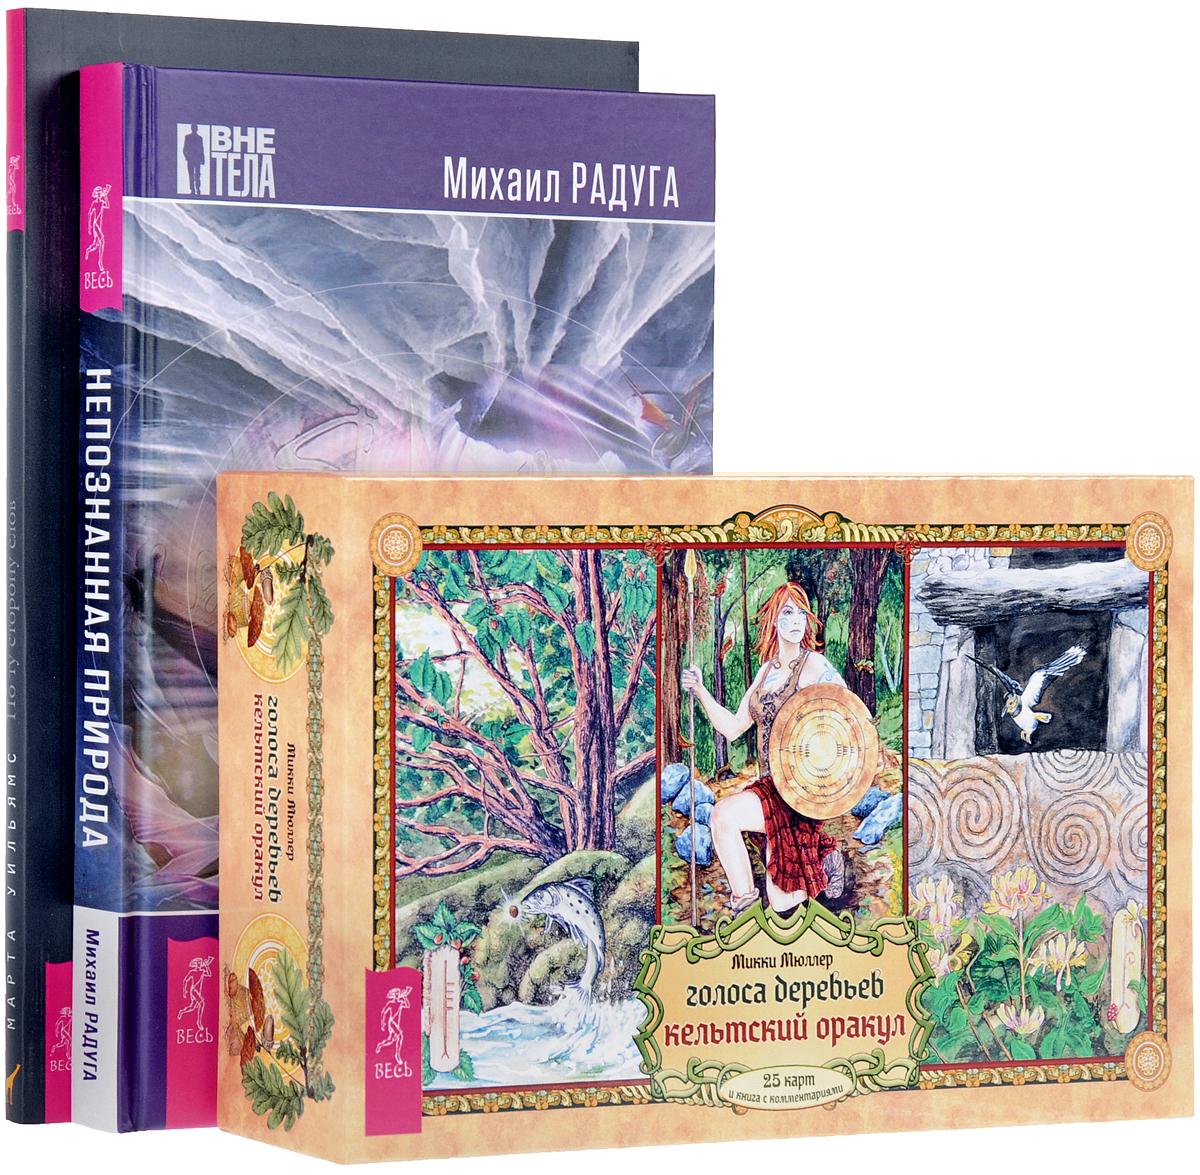 Голоса деревьев. Непознанная природа. По ту сторону слов (комплект из 3 книг + набор из 25 карт). Микки Мюллер, Михаил Радуга, Марта Уильямс